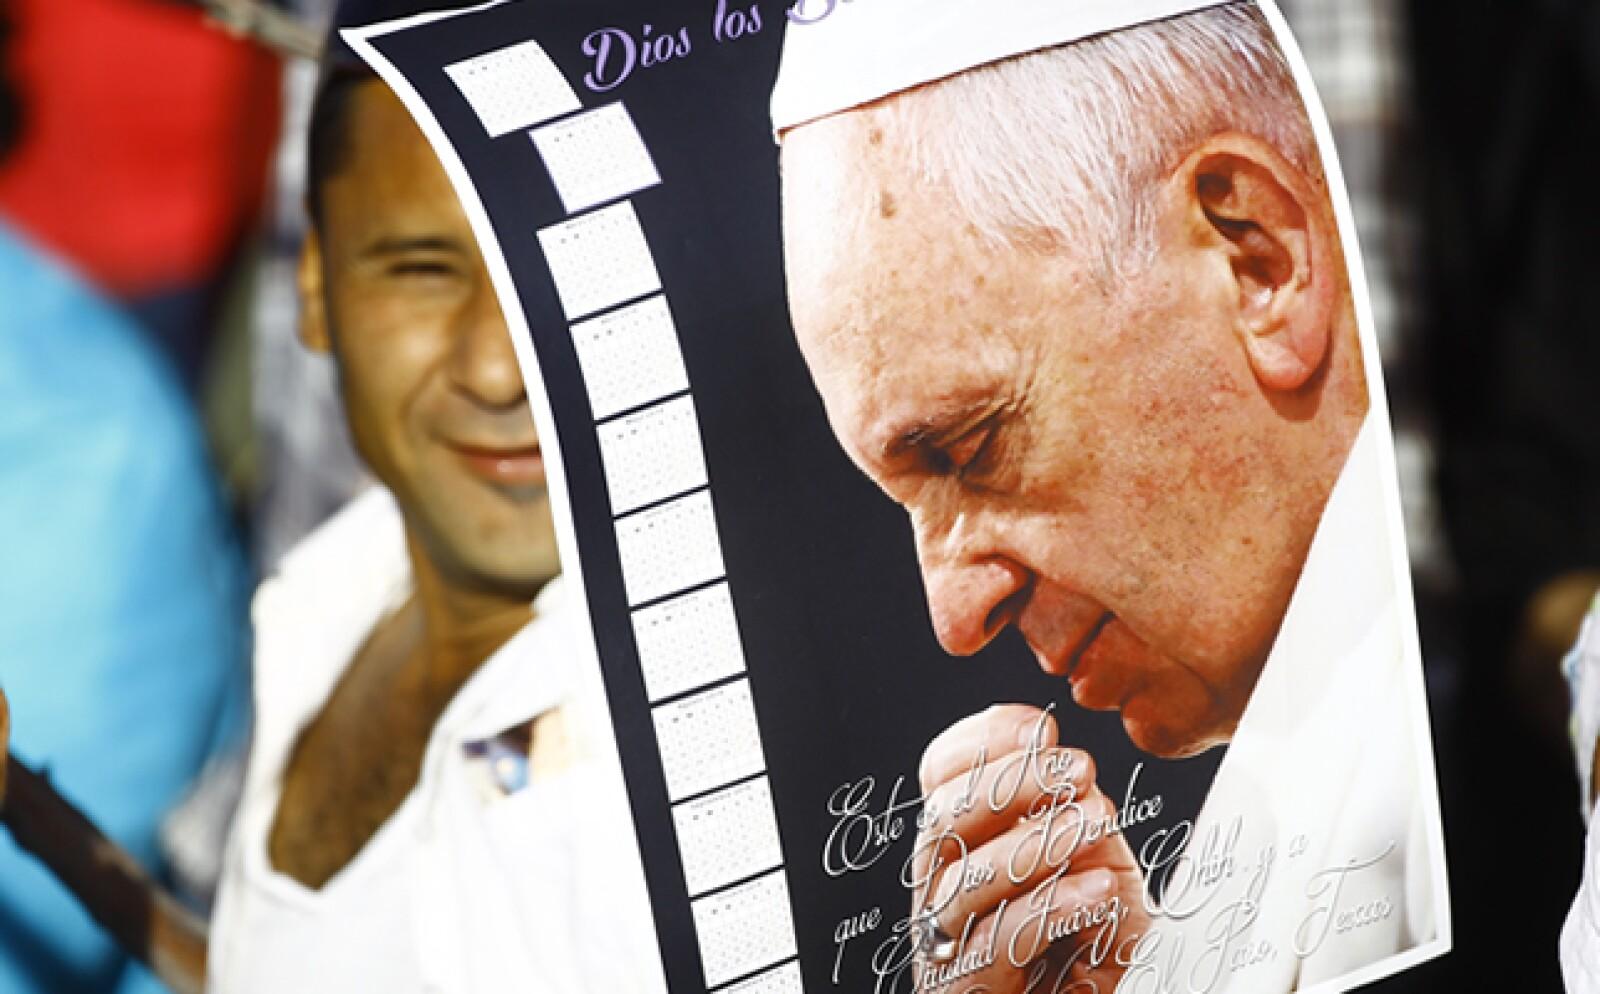 El pontífice visitó un penal de máxima seguridad en el que fue recibido por reos y otros asistentes al evento.